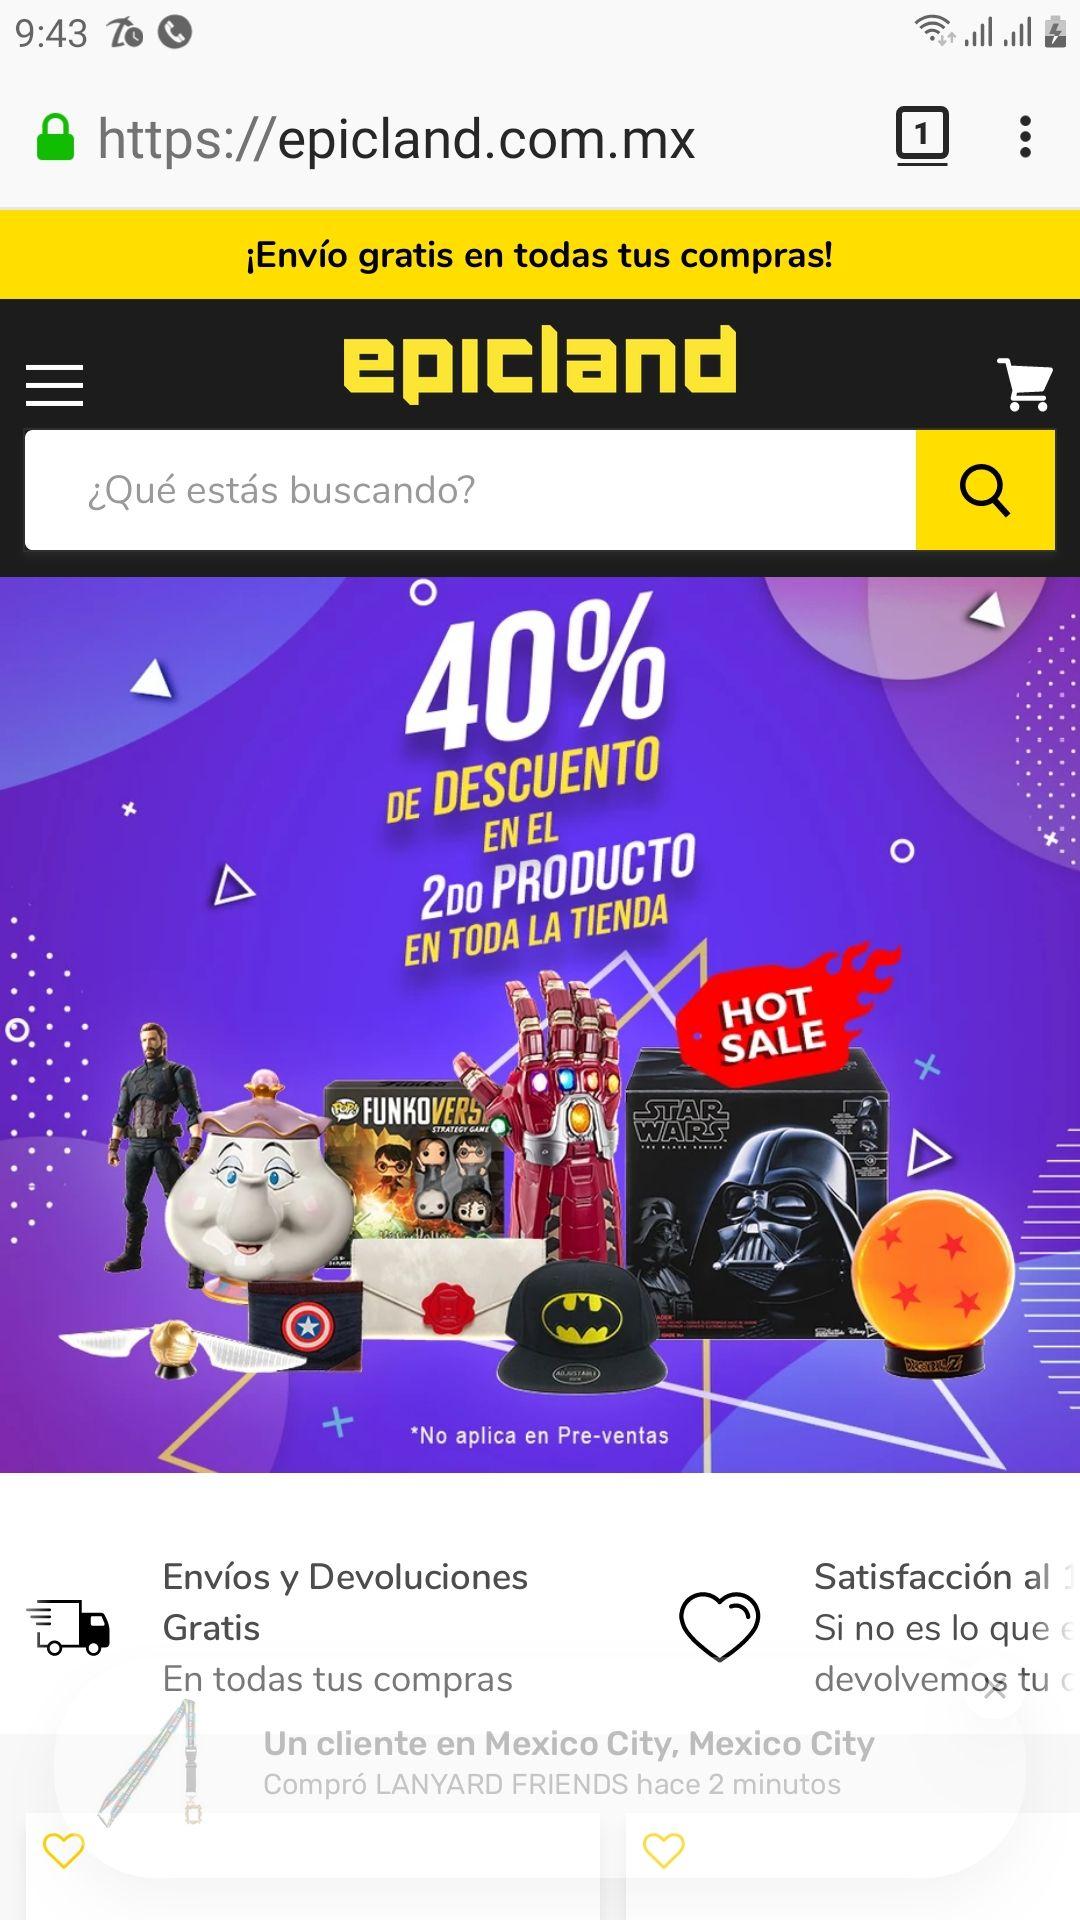 epicland 40% de descuento en el segundo producto